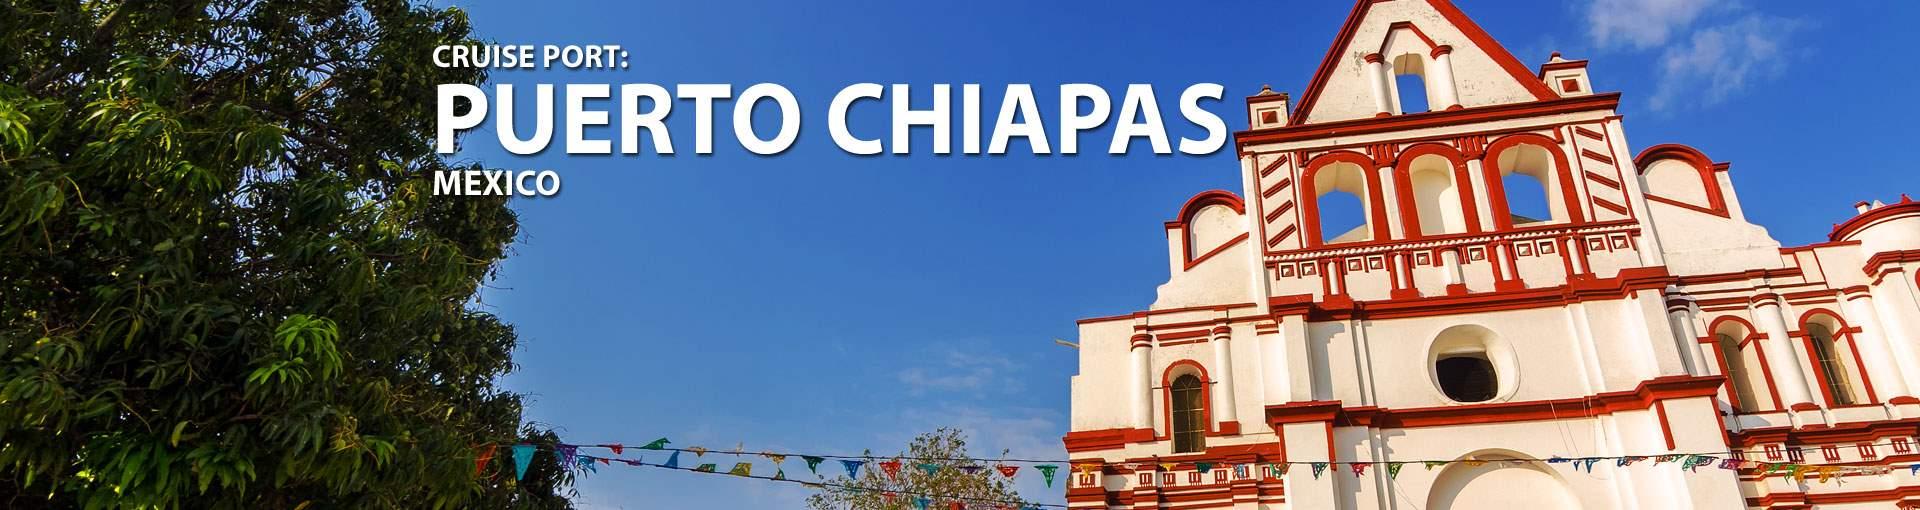 Cruises to Puerto Chiapas, Mexico